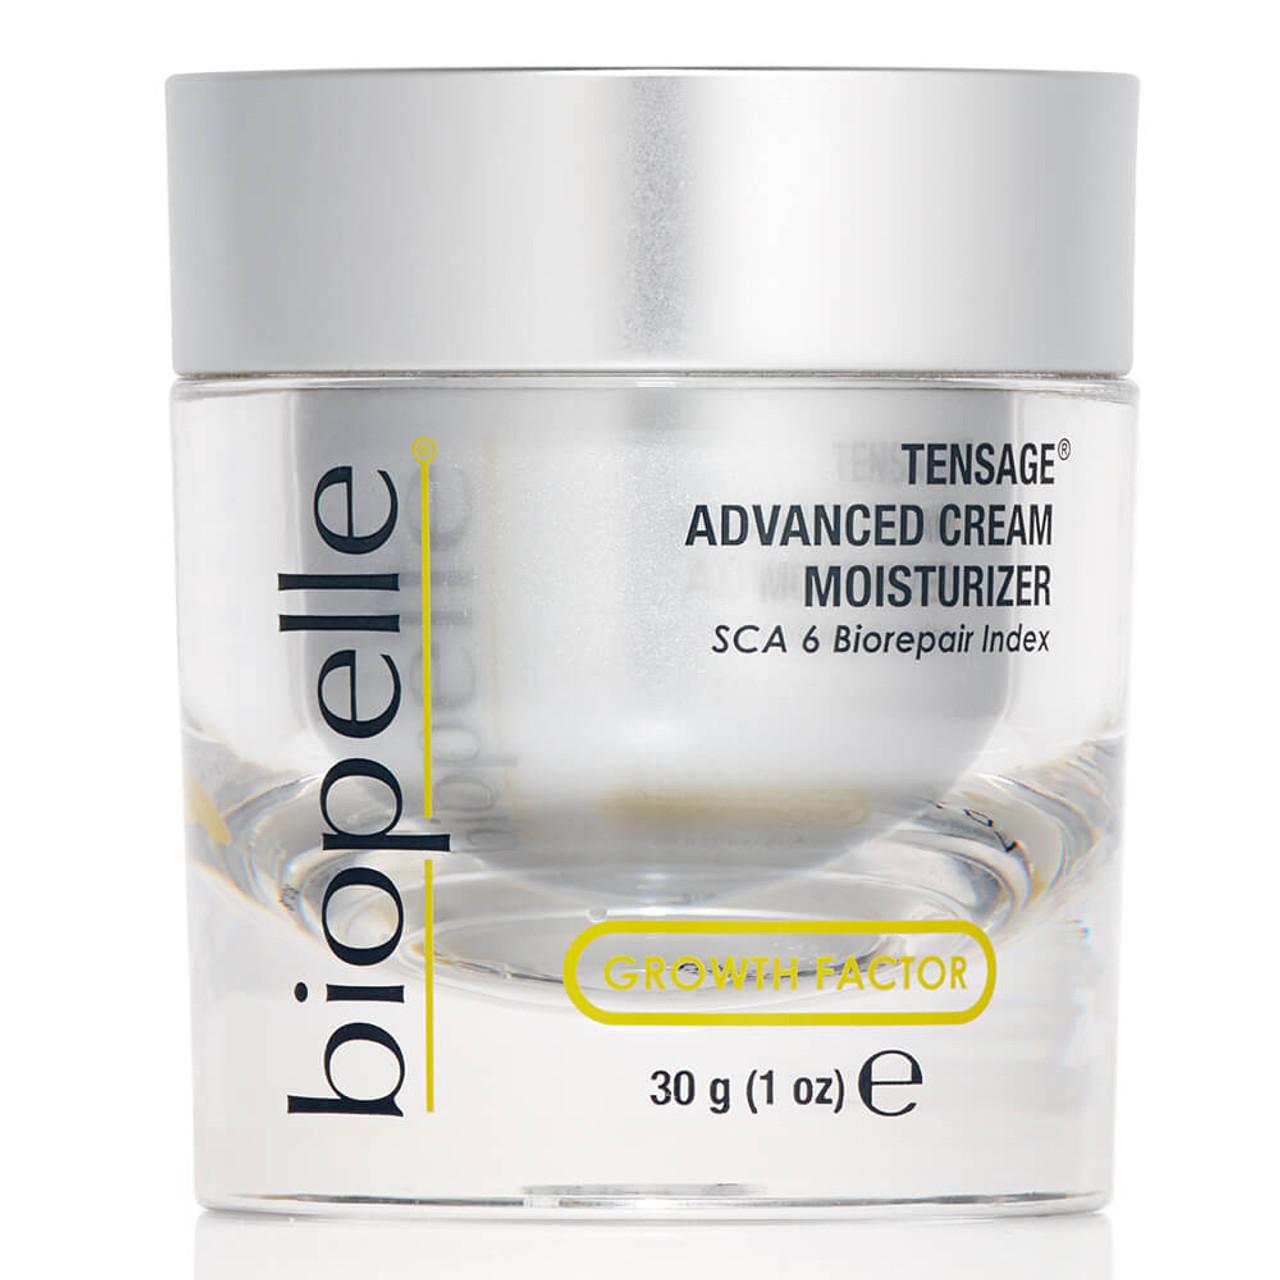 Biopelle Tensage Advanced Cream Moisturizer